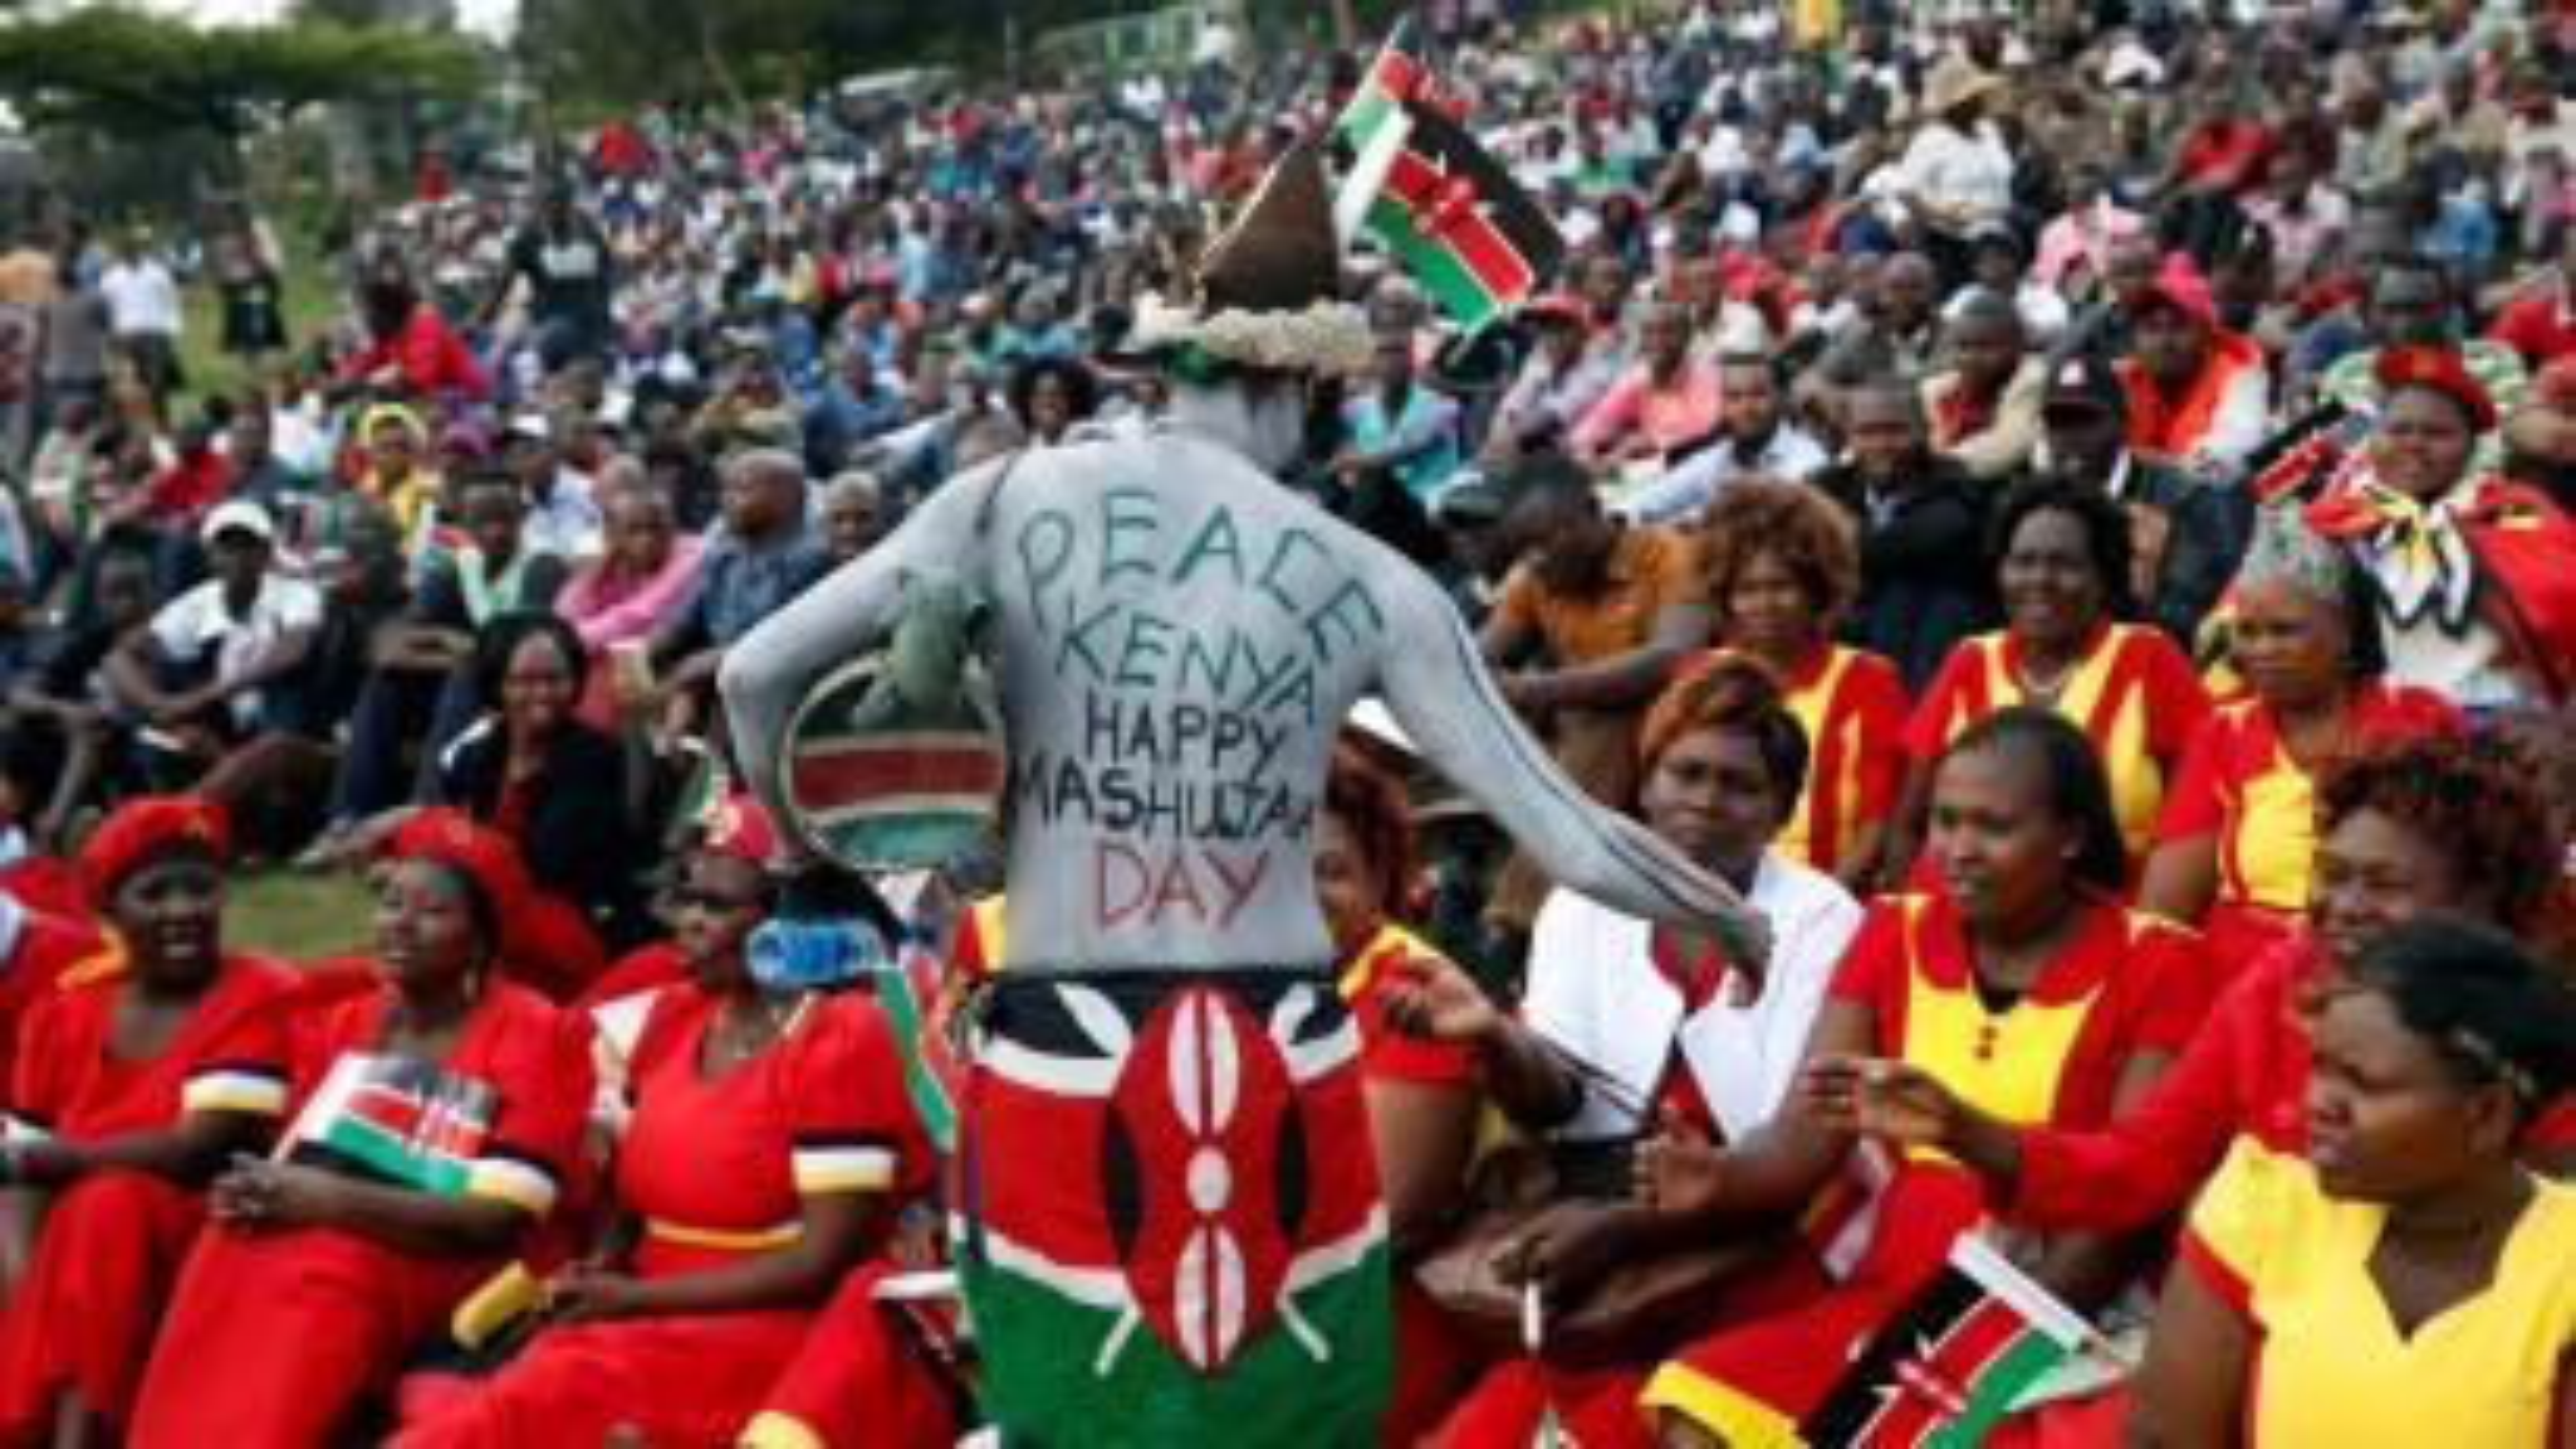 Kenya politics Election 2017: IEBC's Wafula Chebukati, Uhuru ...